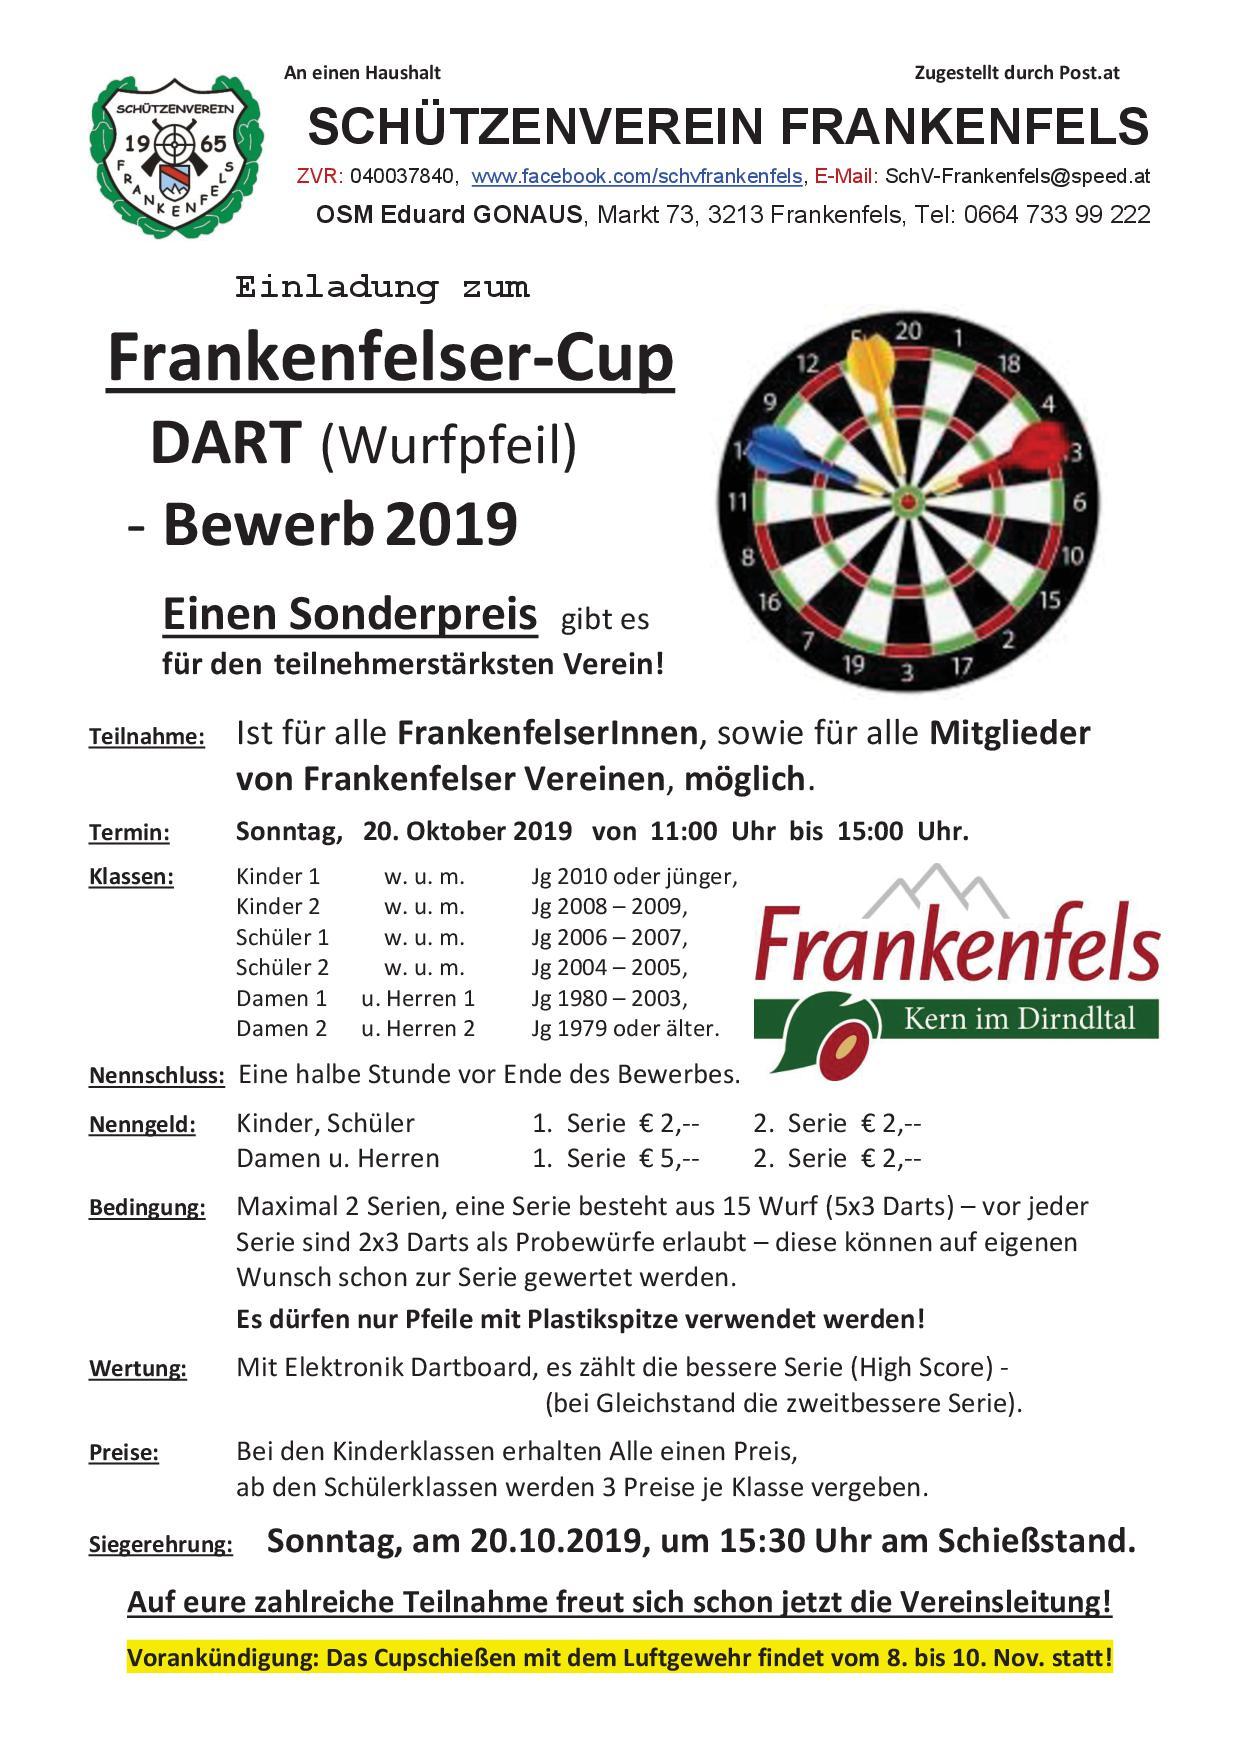 Dart Bewerb 2019 Frankenfels Plakat Ausschreibung